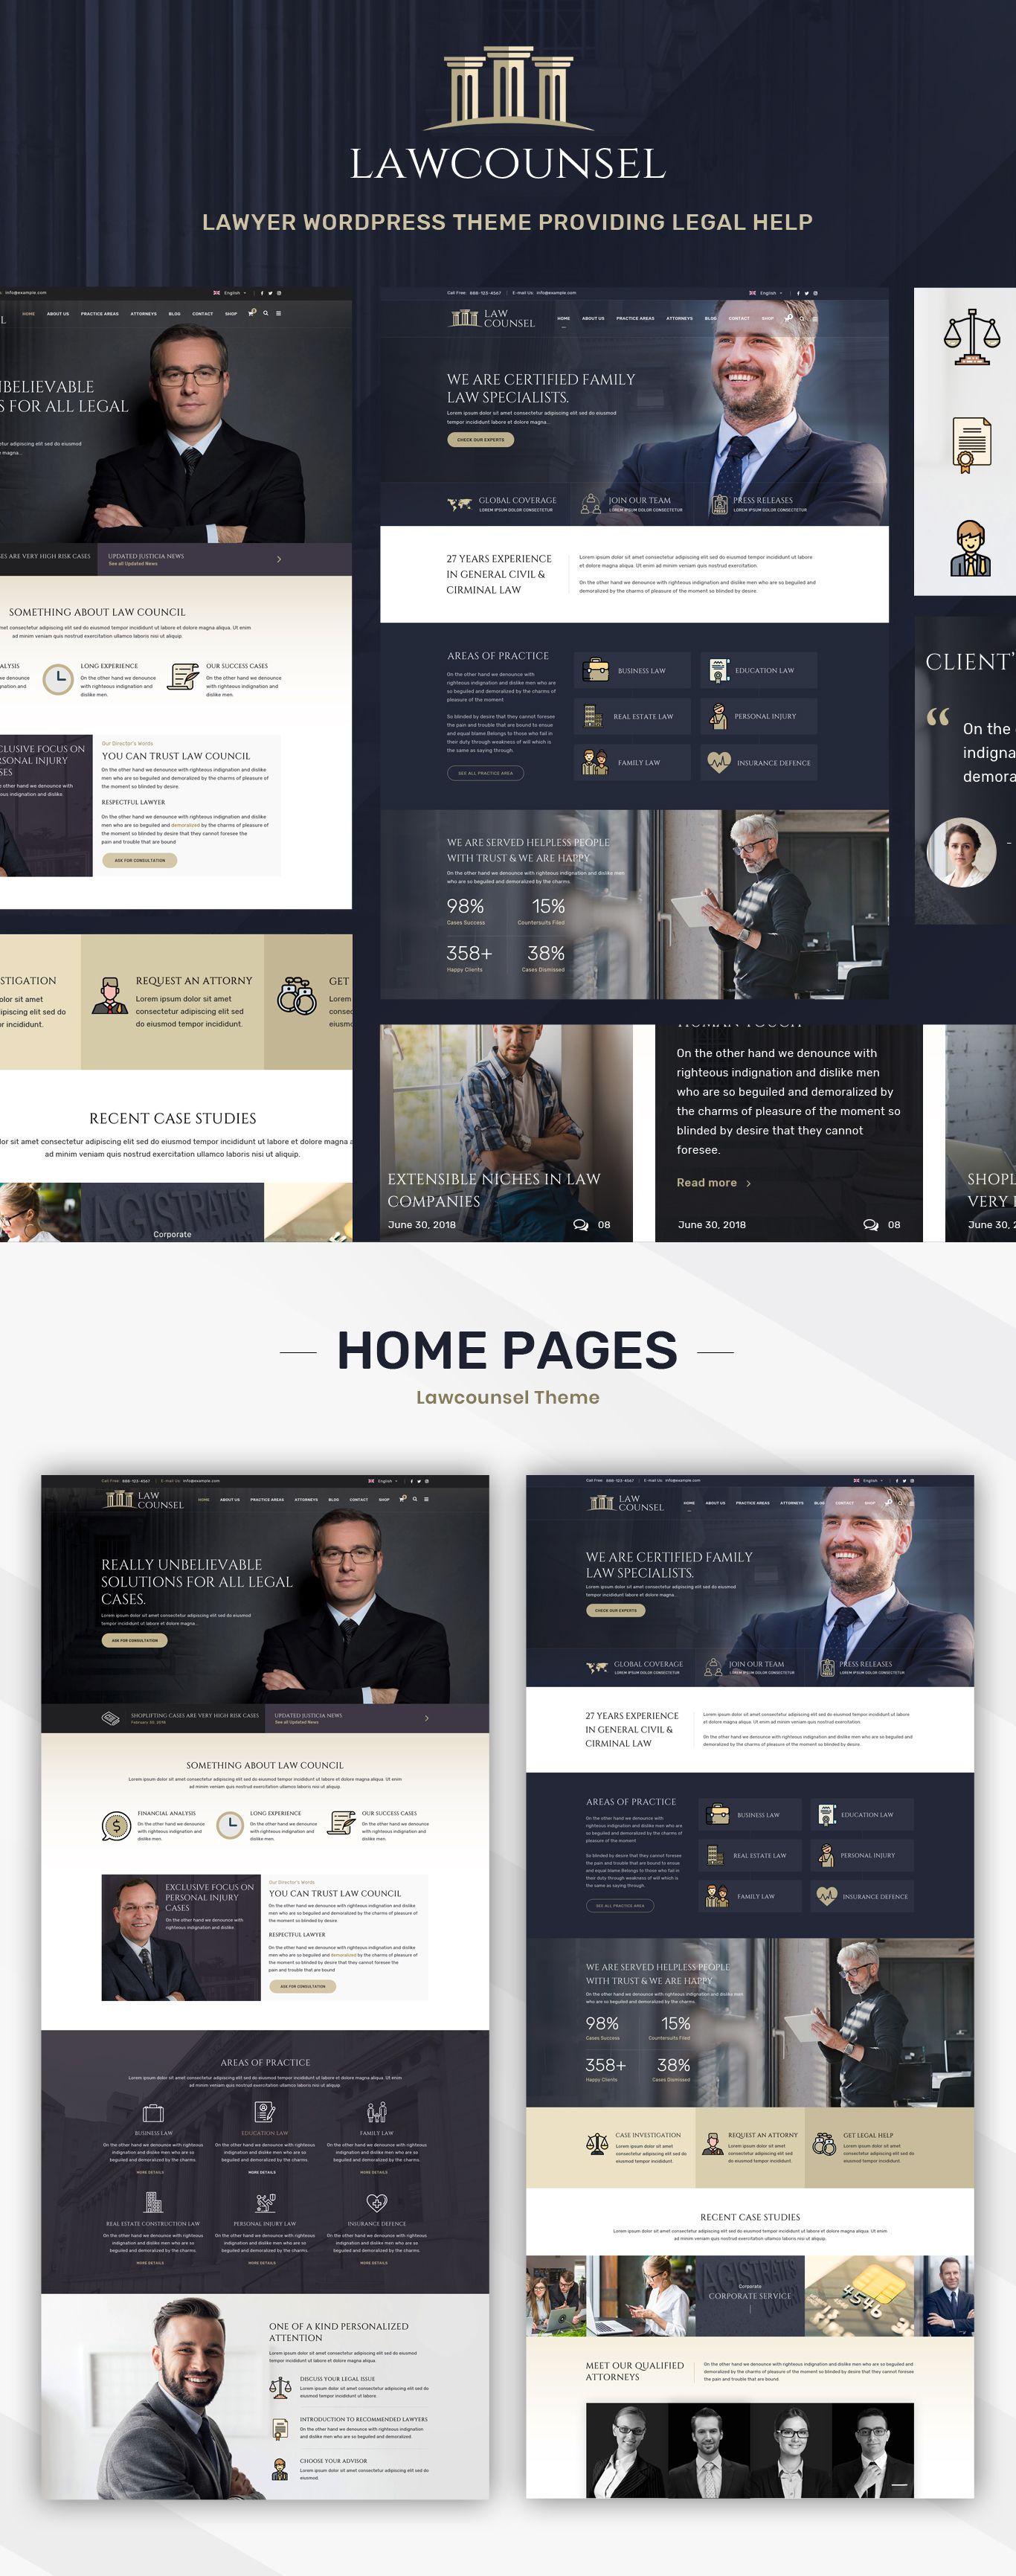 Lawcounsel Lawyers Wordpress Theme Lawyer Website Law Firm Website Design Law Firm Website